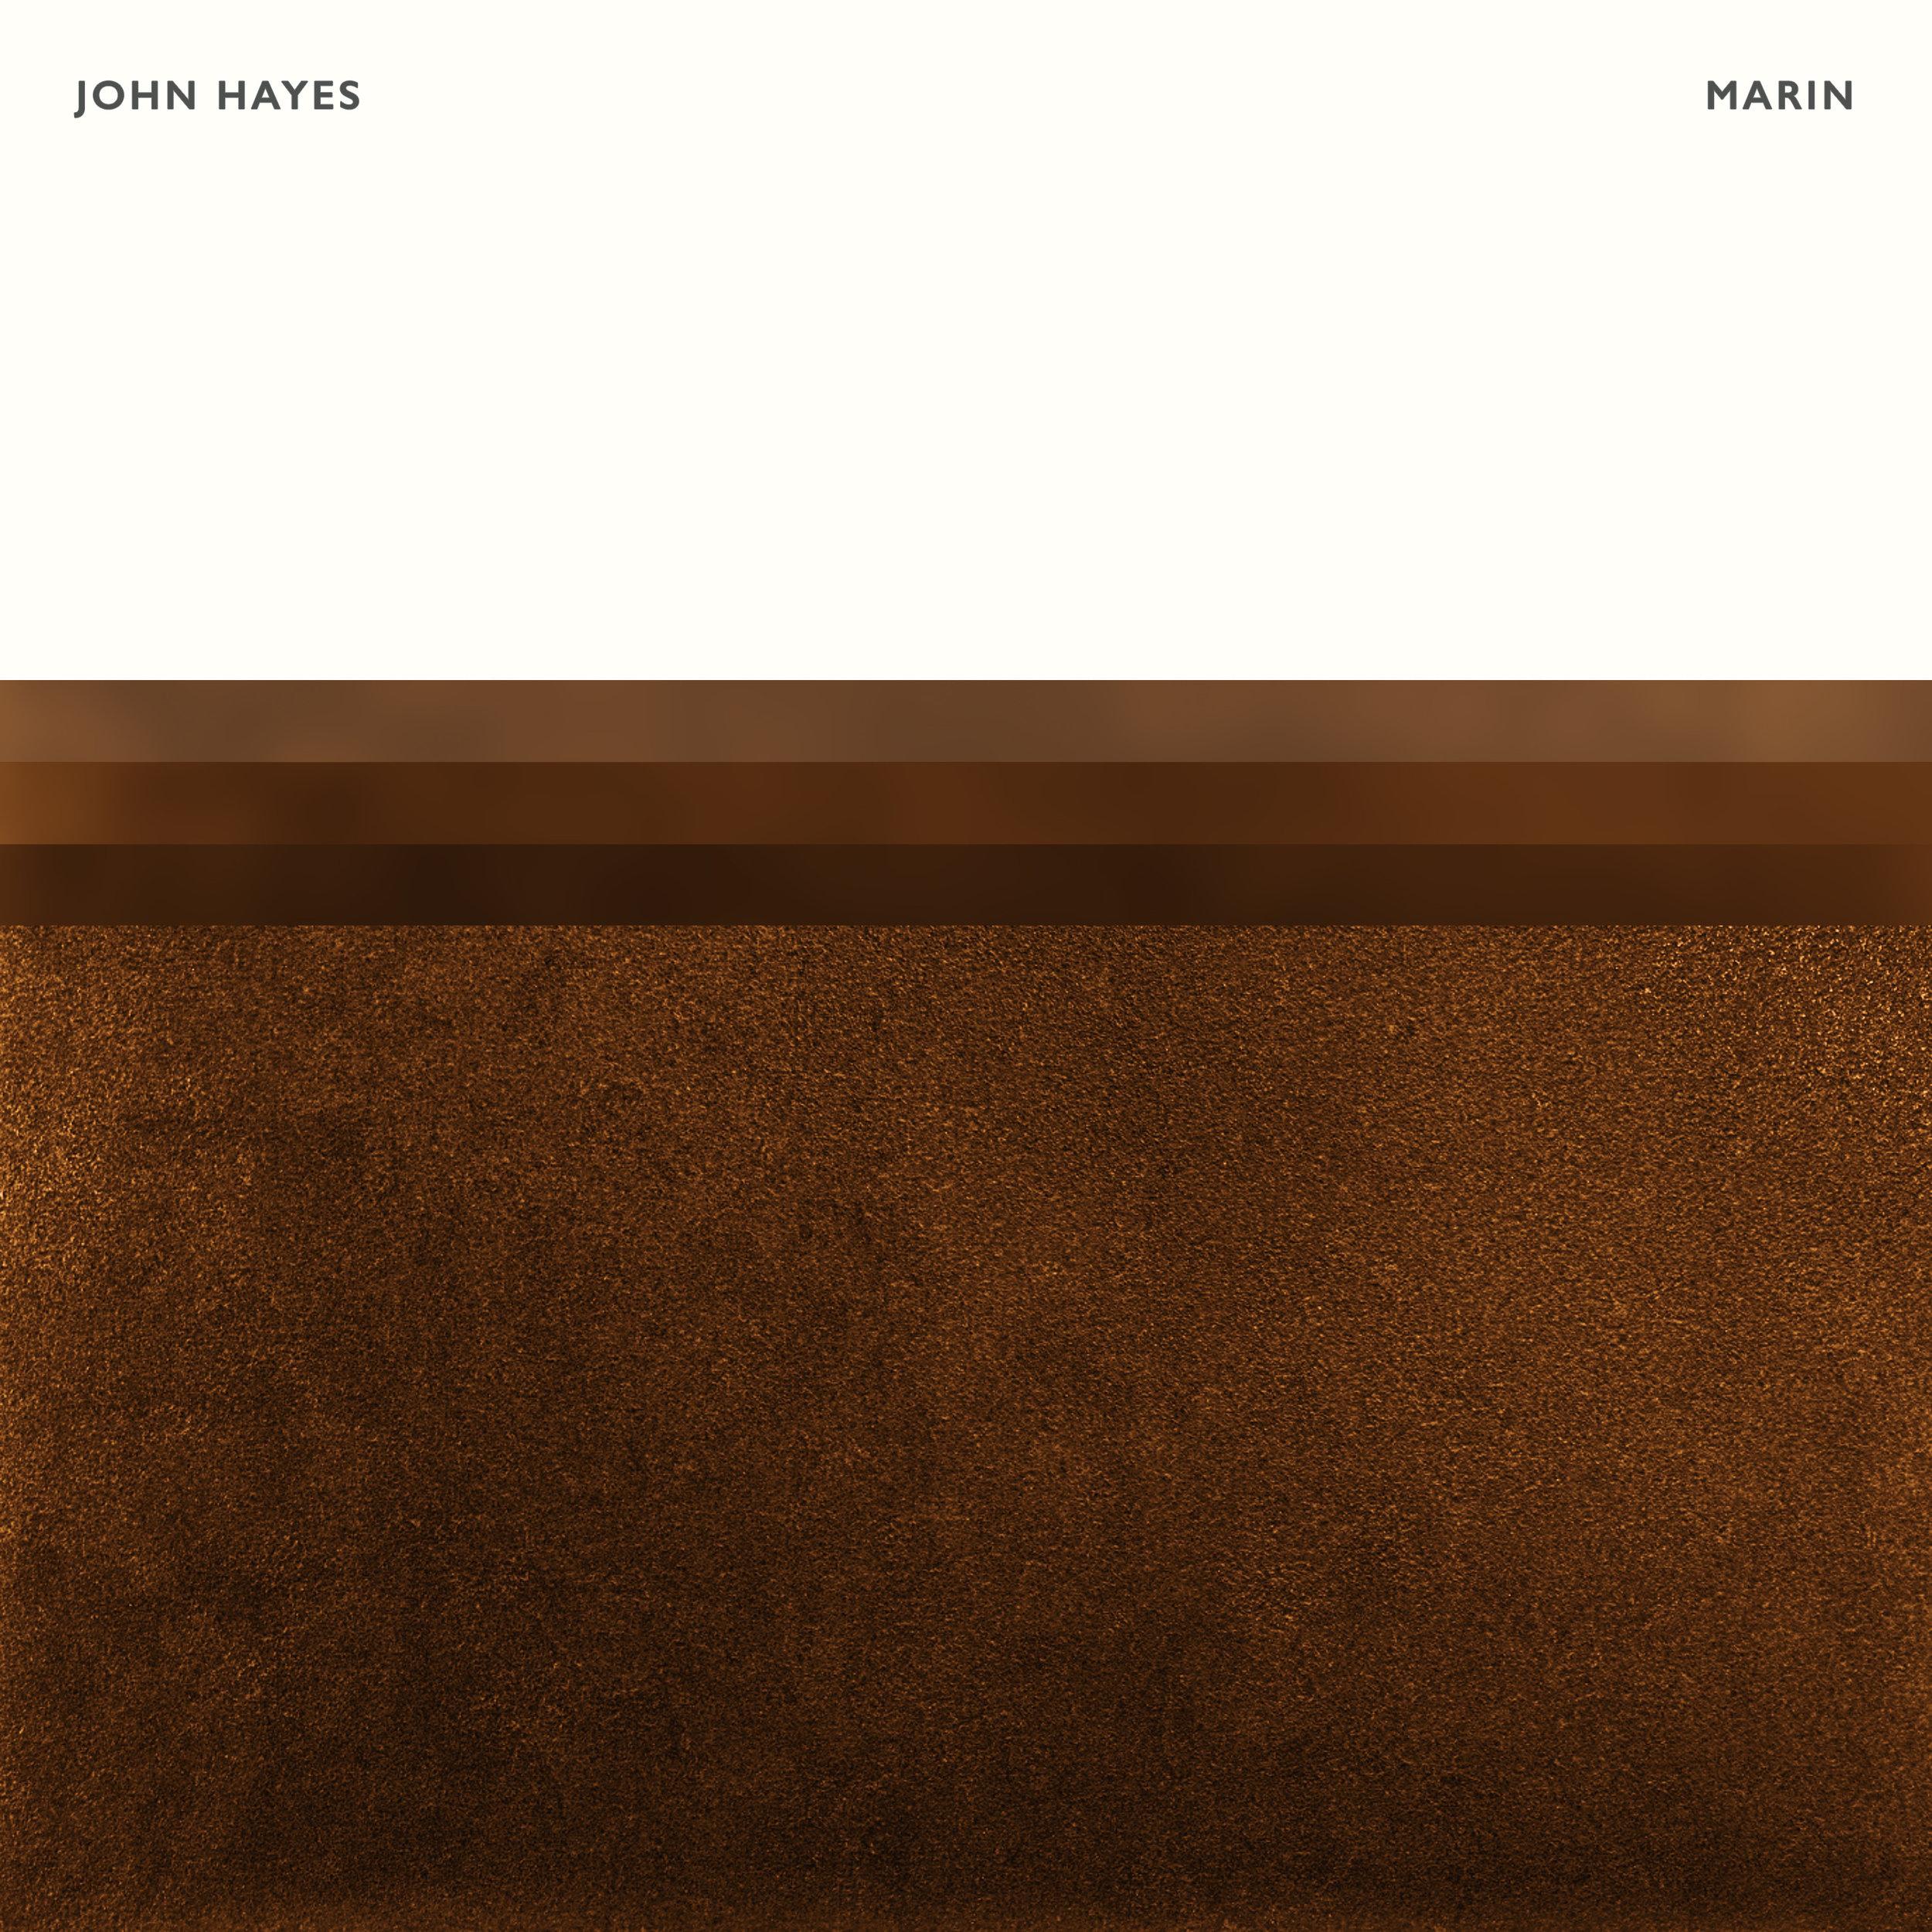 John Hayes - Marin